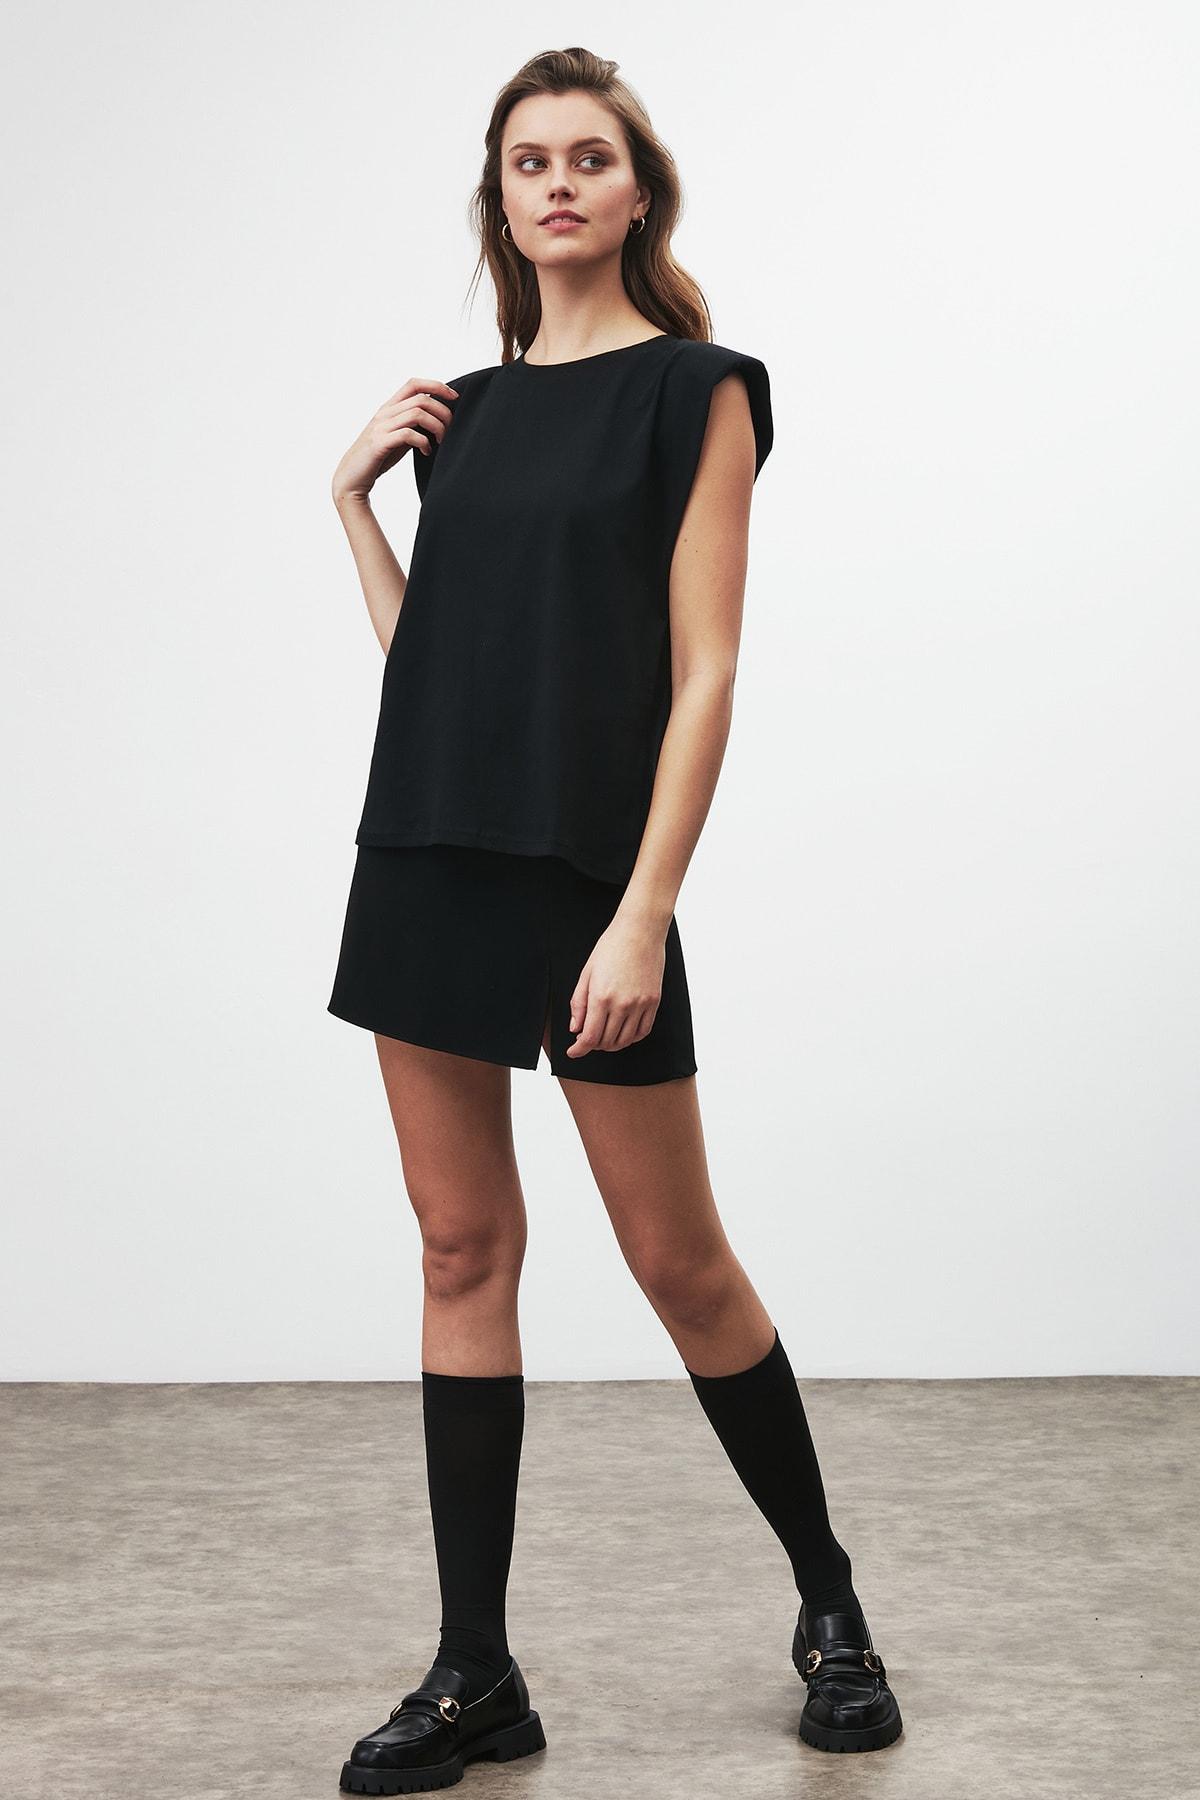 GRIMELANGE Luna Kadın Siyah Omuzları Vatkalı Kolsuz T-shirt 1